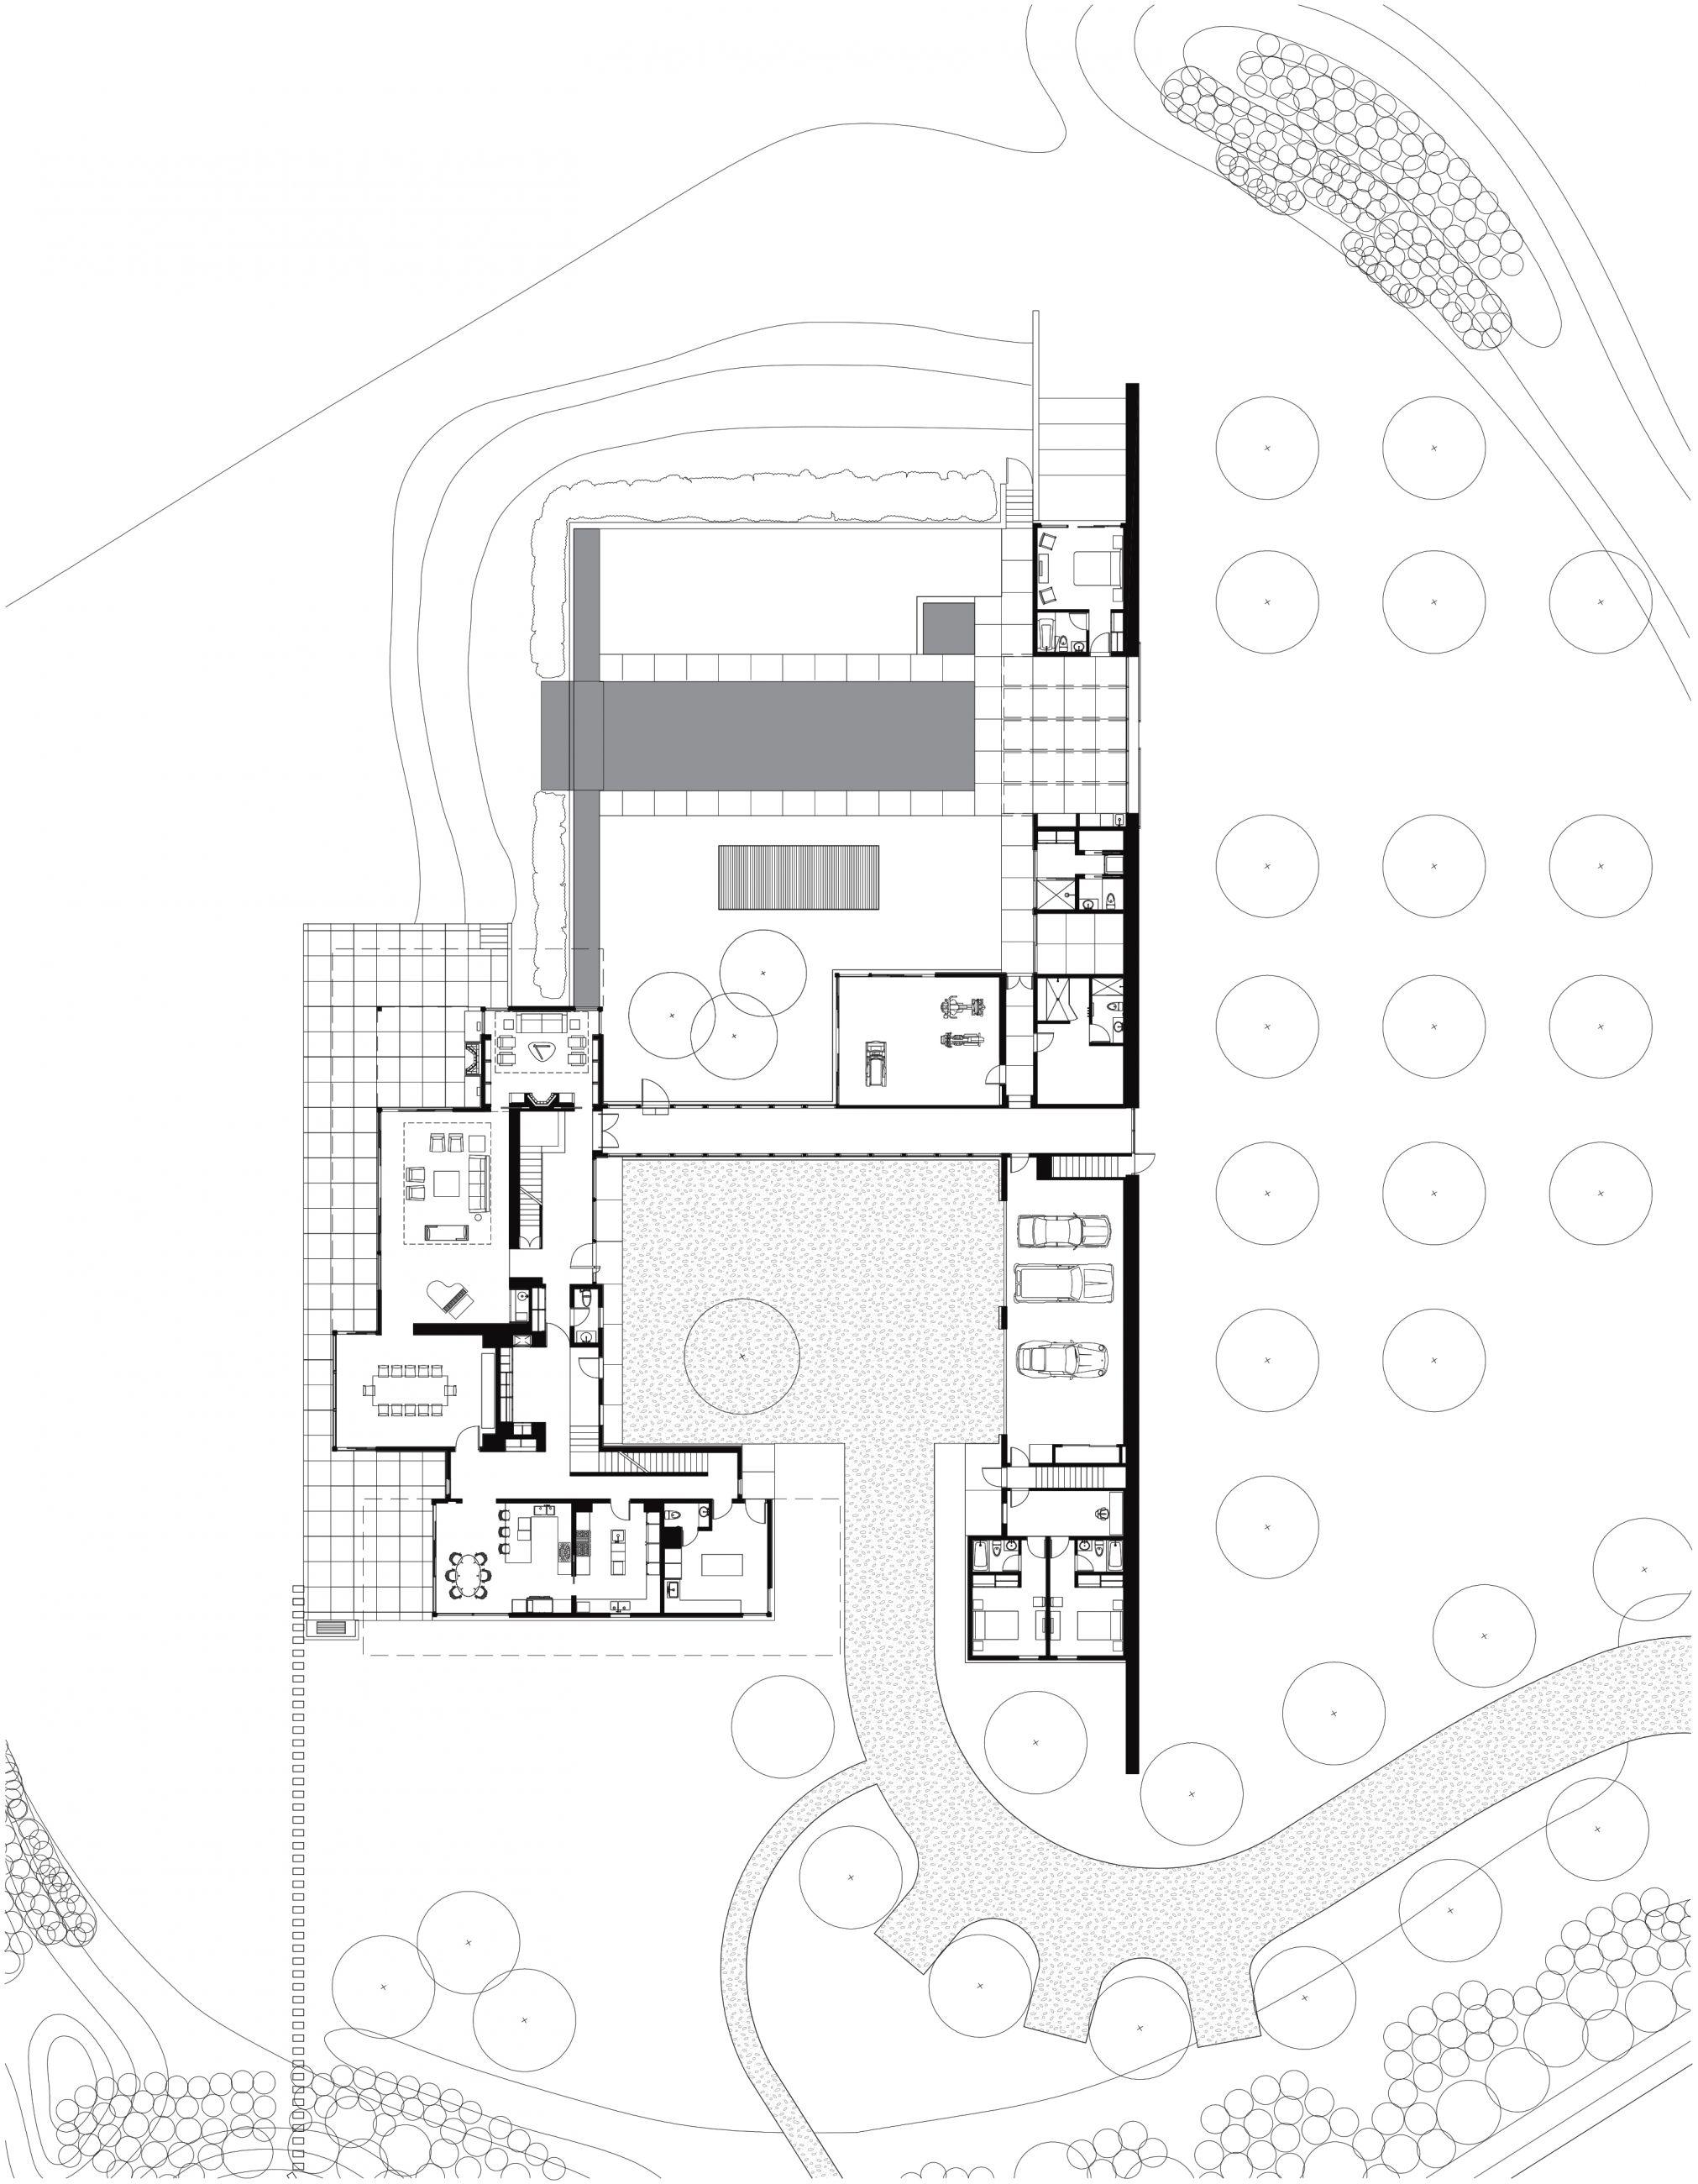 Saganoack House Site Plan